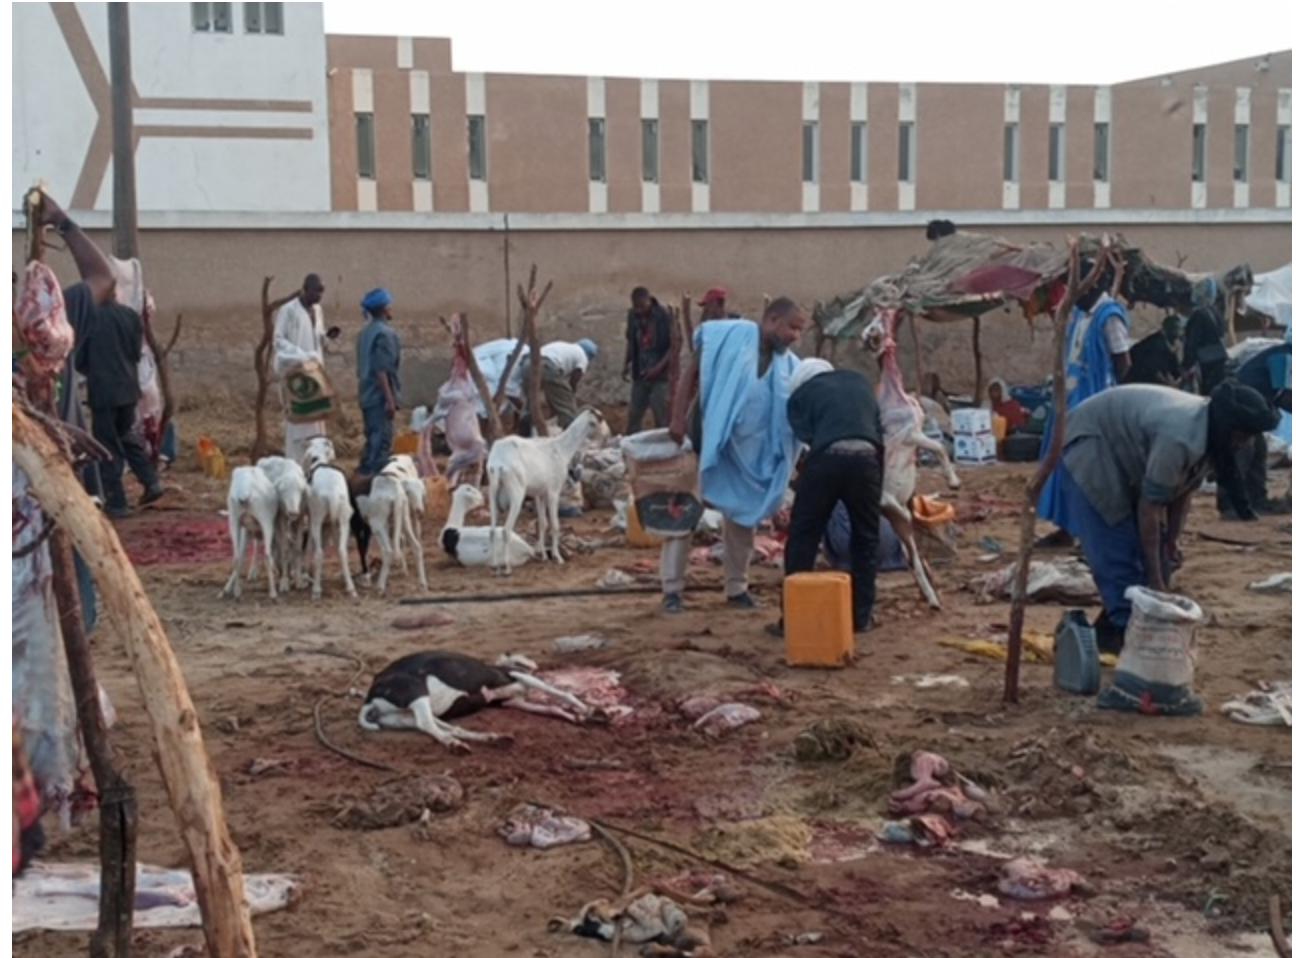 Jour de fête: Ambiance au marché de bétail